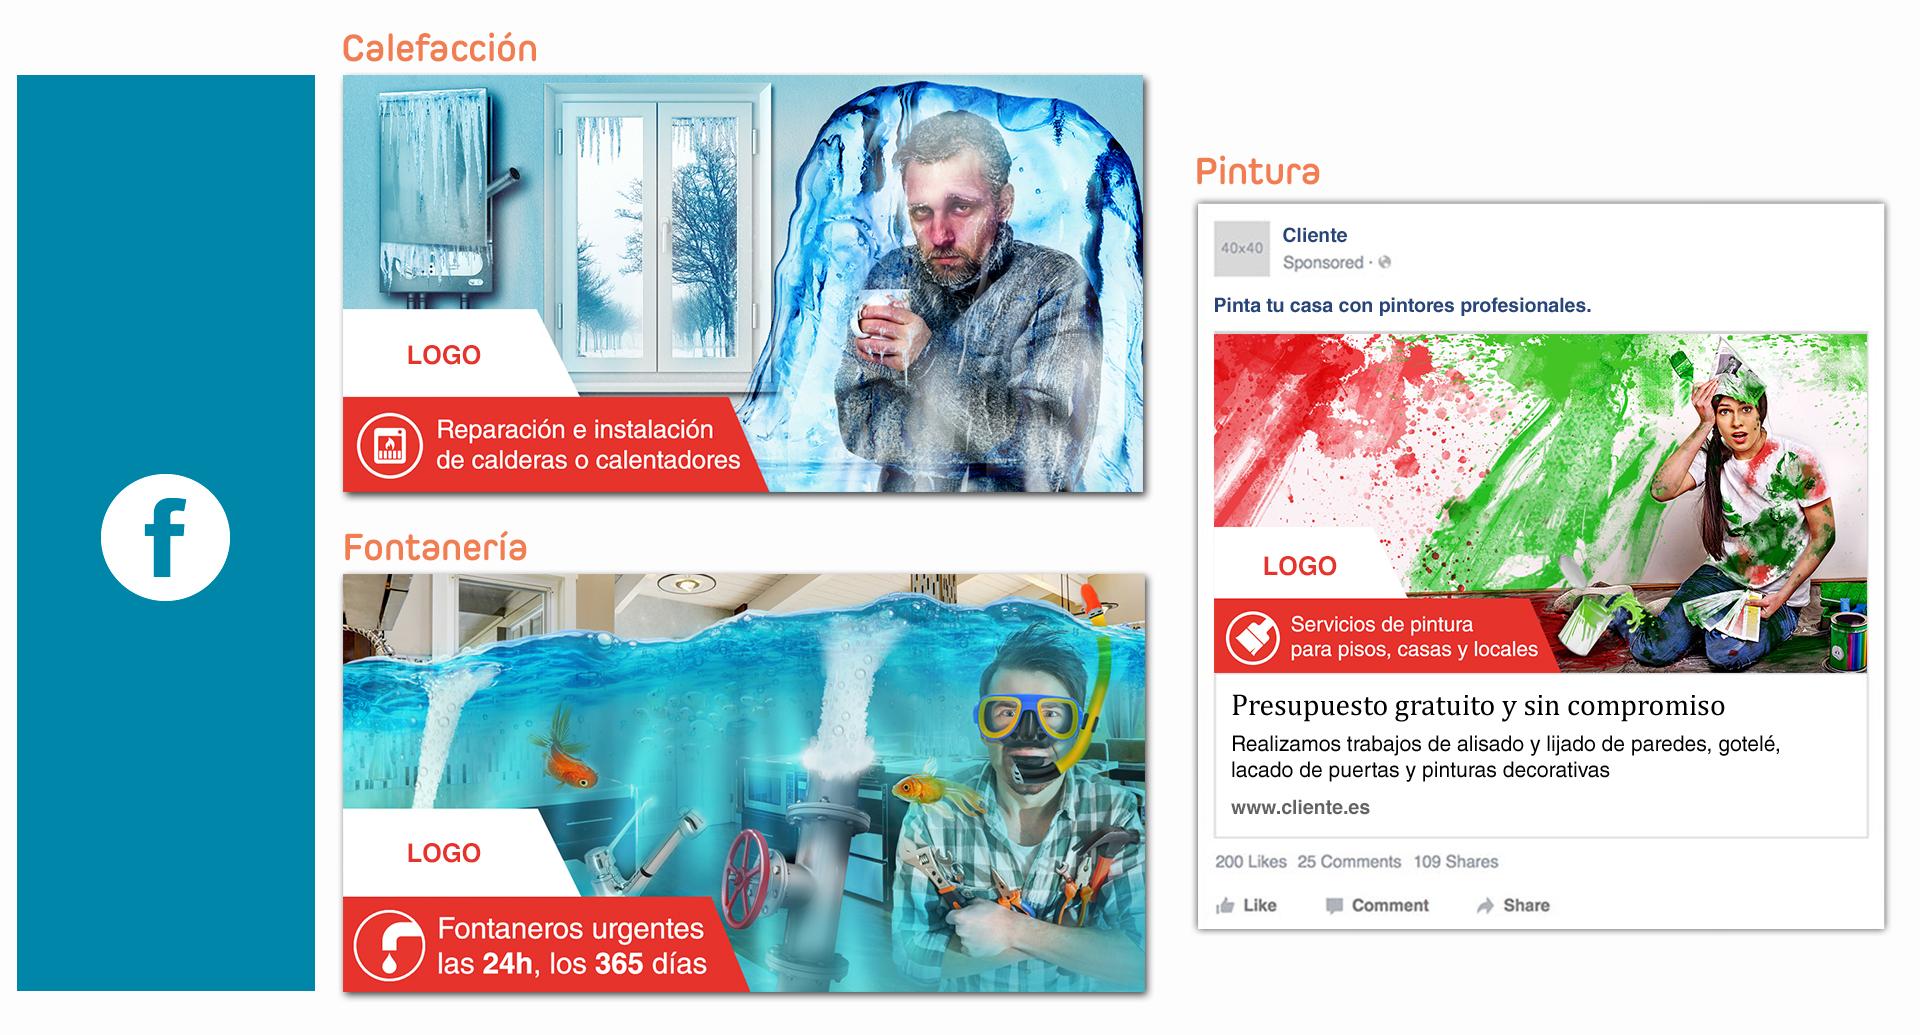 Ejemplo de creatividad para Redes Sociales: Facebook Ads